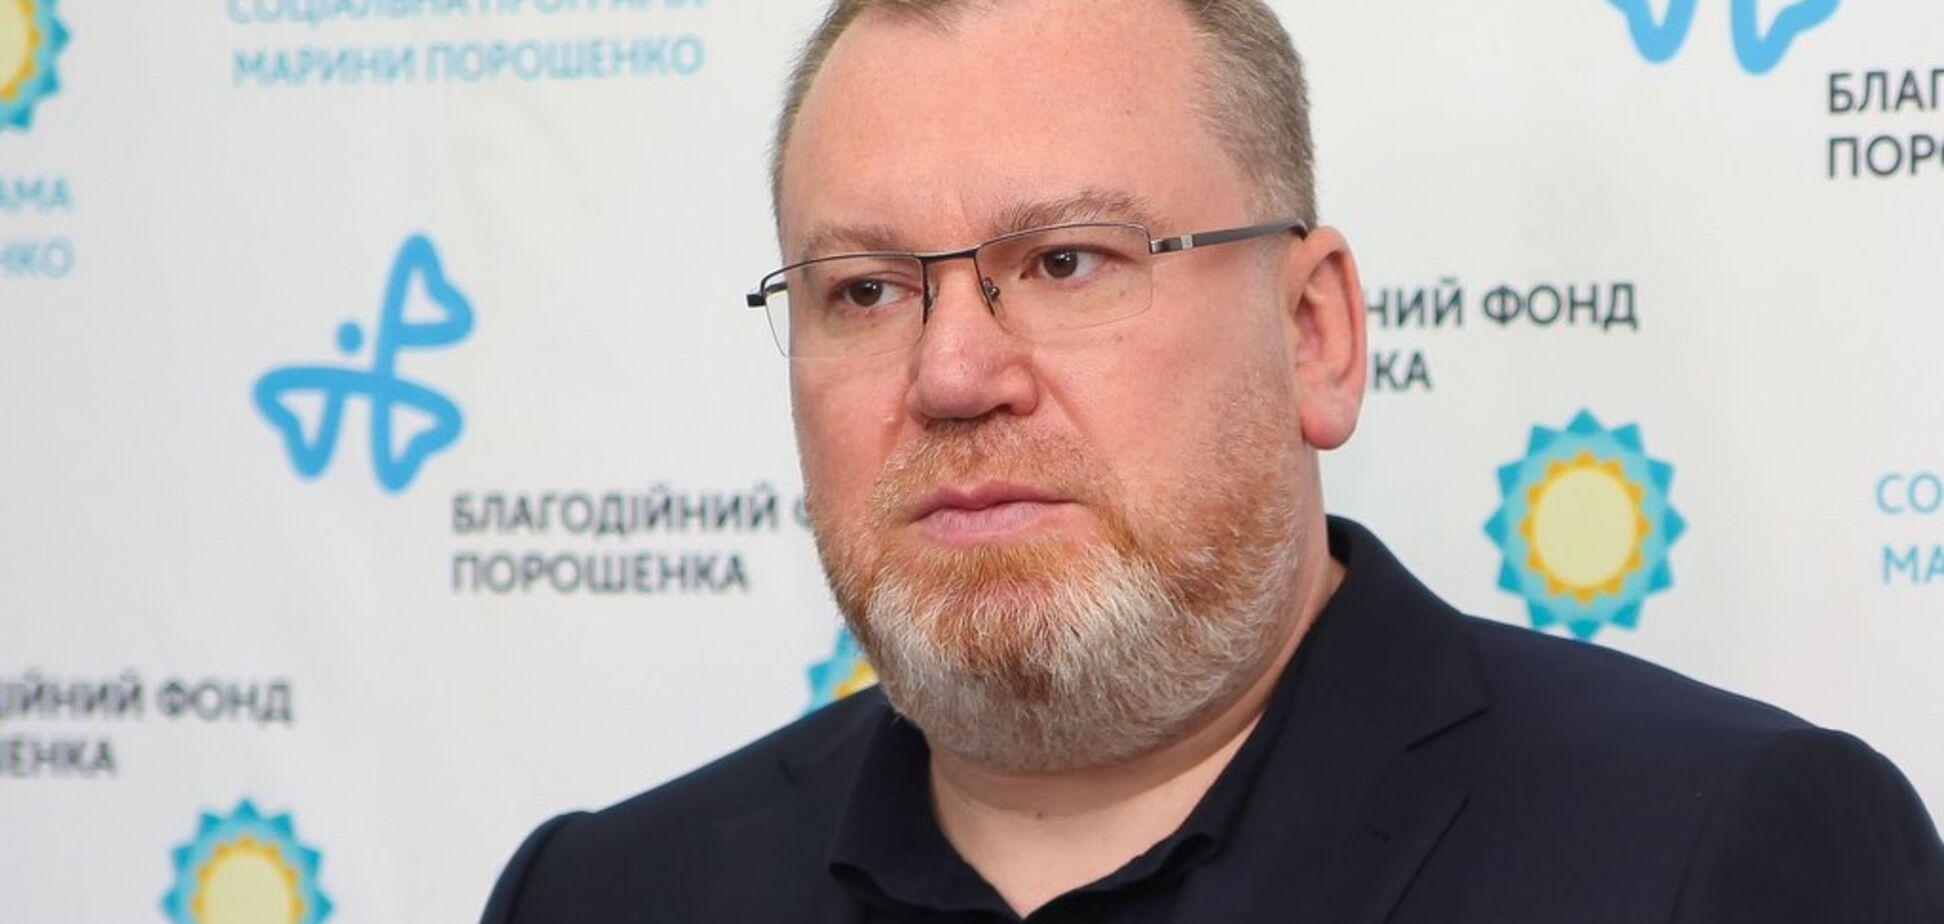 На Днепропетровщине провели капремонт 90% коммунальных дорог - Резниченко